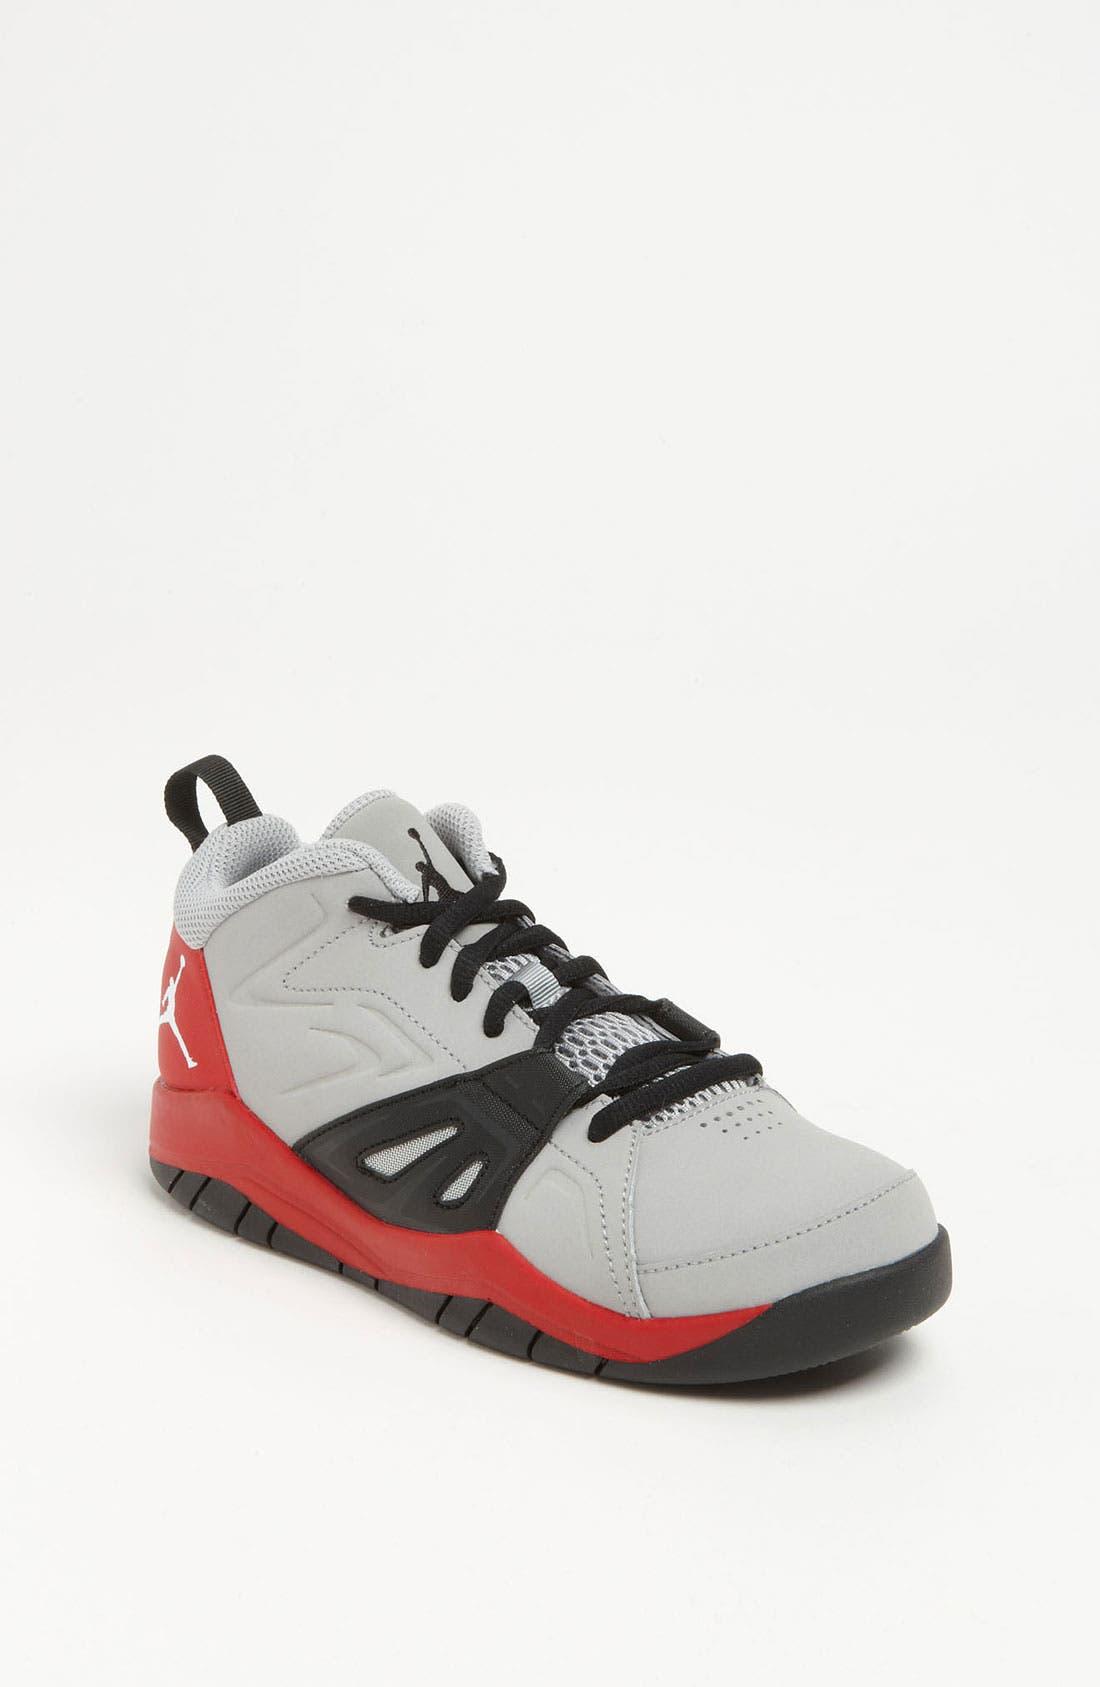 Main Image - Nike 'Jordan Ace 23' Basketball Shoe (Toddler & Little Kid)